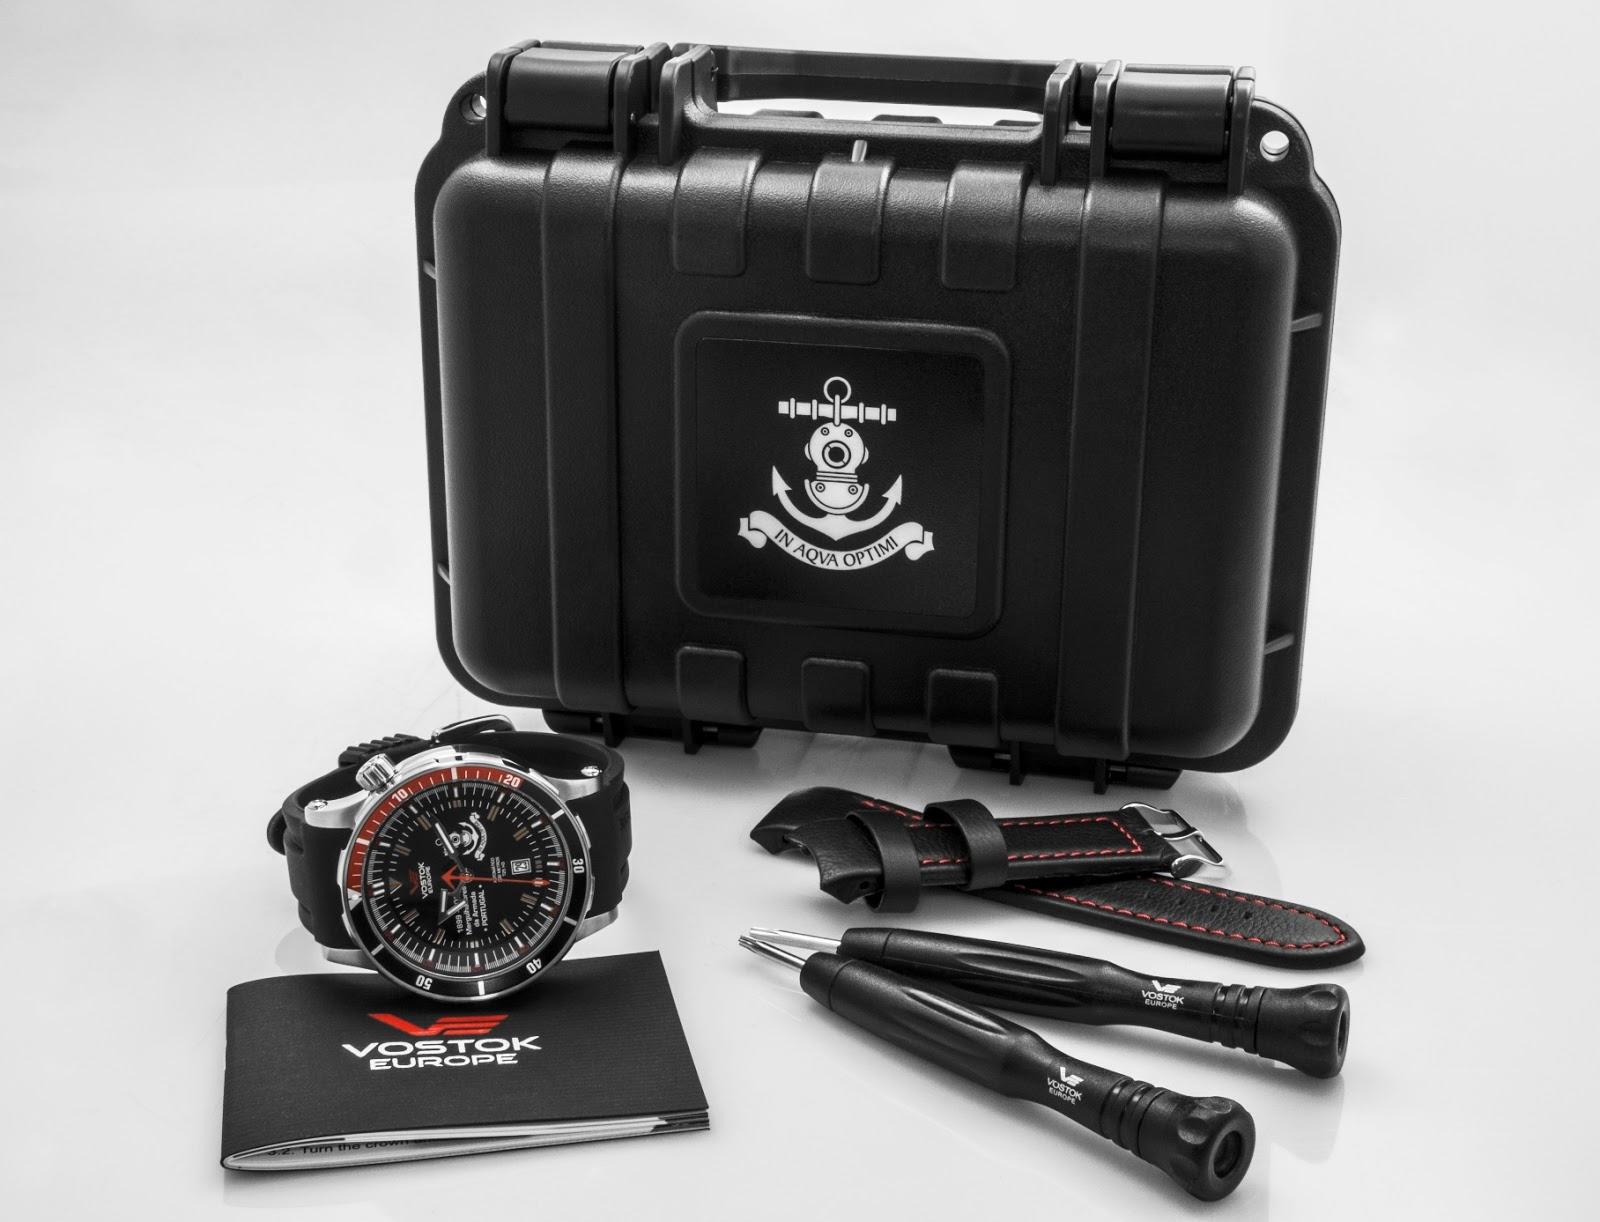 4af43b76e38 Vostok Europe entrega relógios aos Mergulhadores da Armada Portuguesa